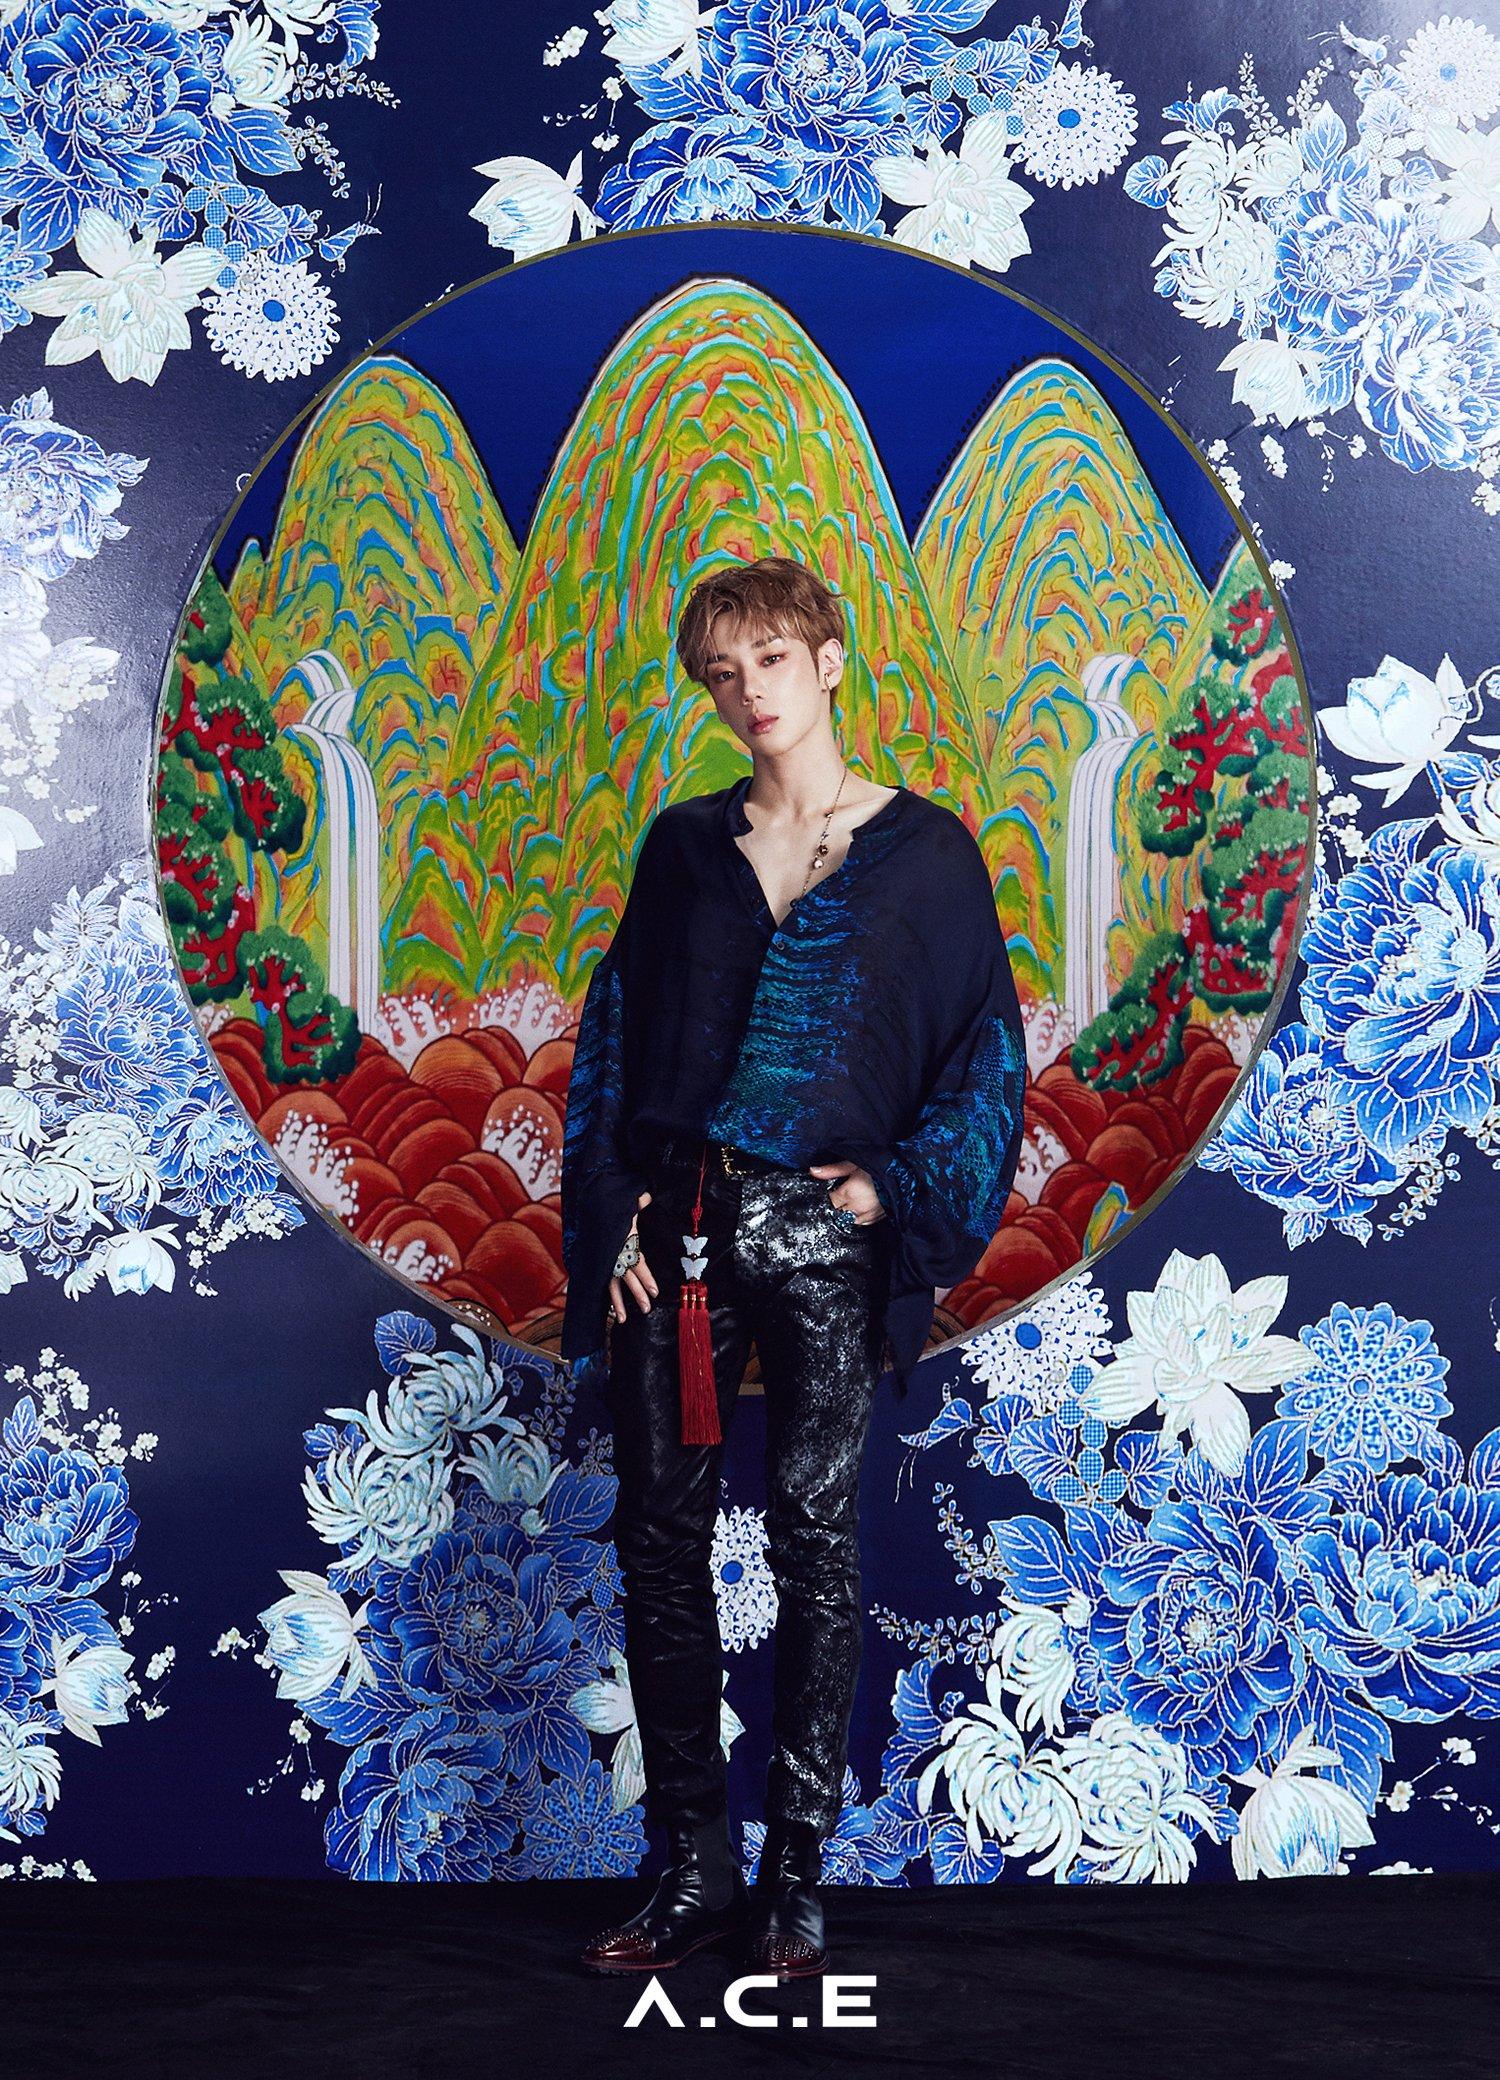 ace byeongkwan 21